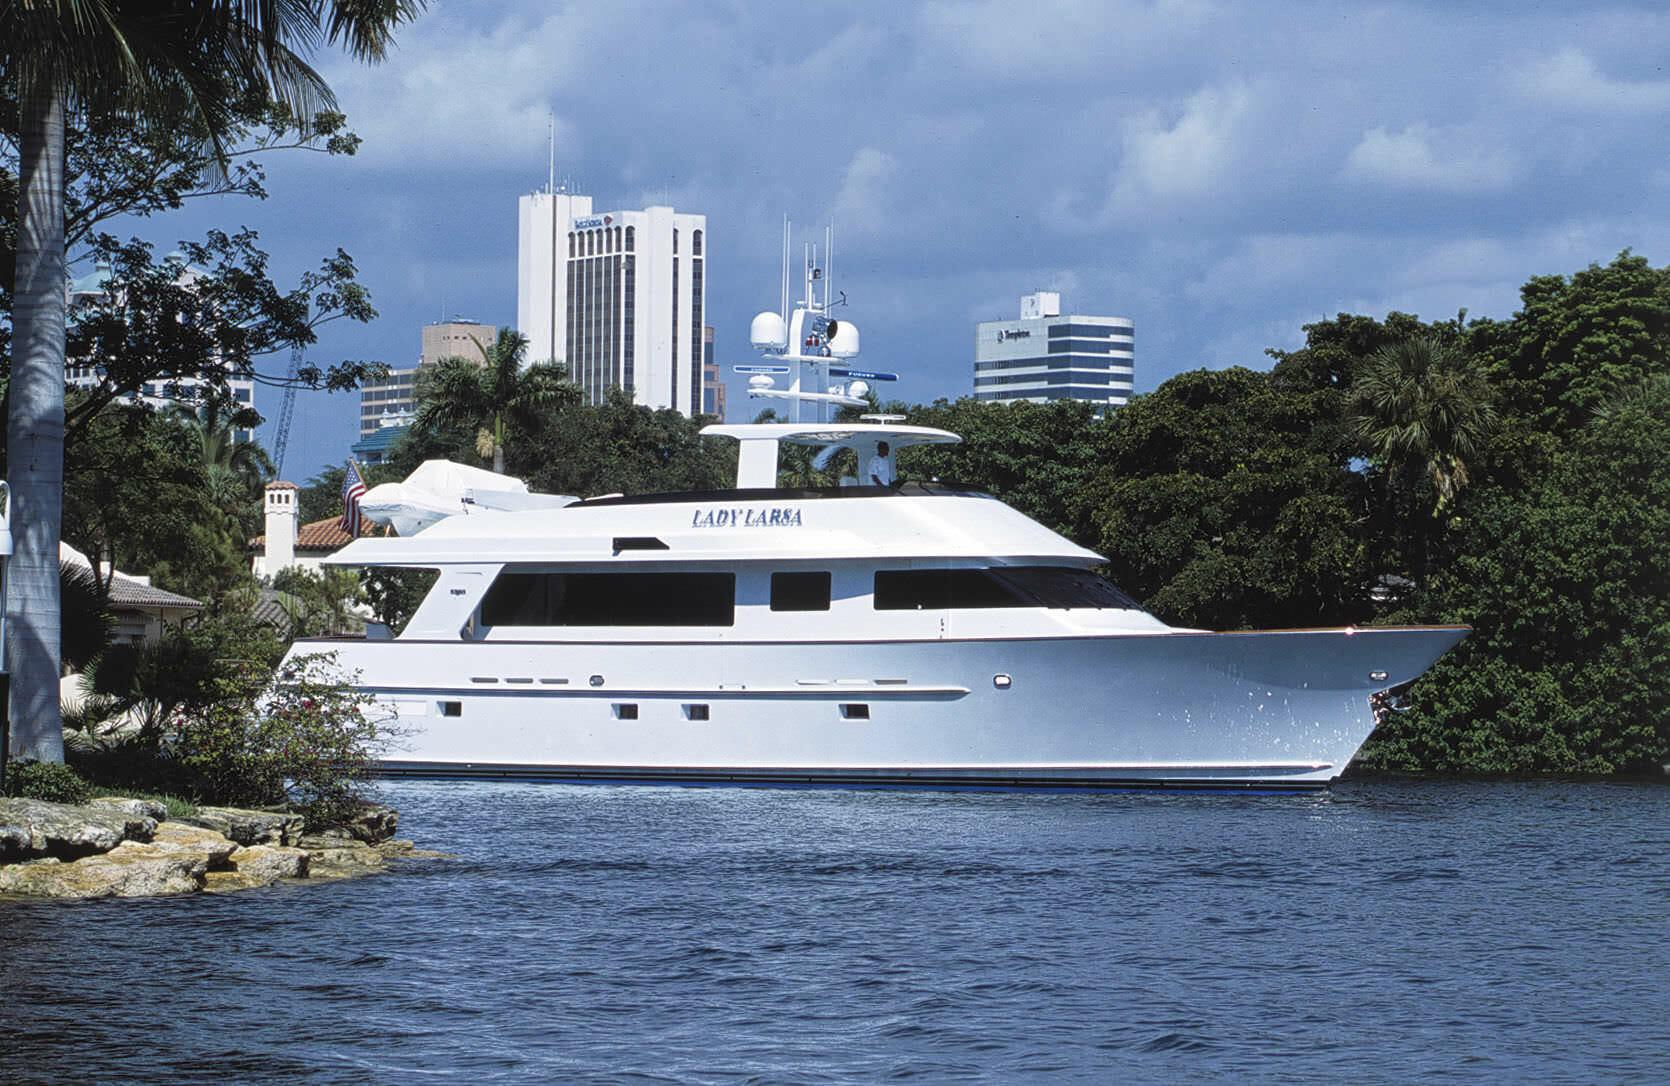 Beside Sport - Ces sportifs qui possèdent un yacht - L'ancien joueur de basket a nommé son yacht Lady Larsa en hommage à sa femme  -